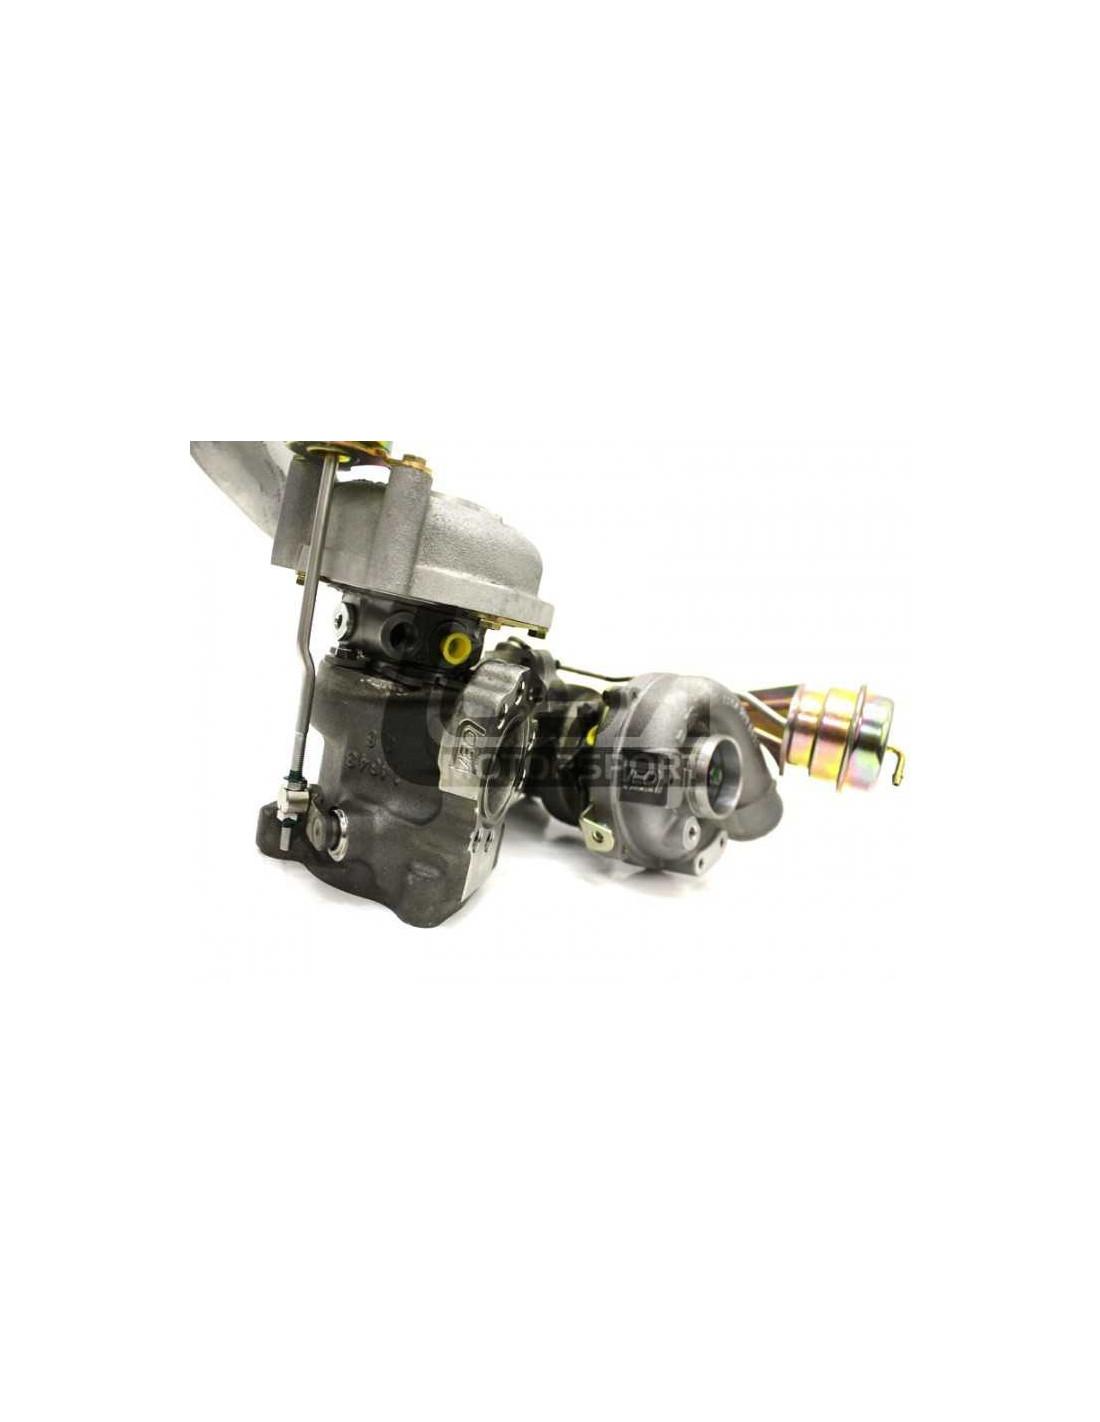 Twin Turbo Kit For Audi Rs4: Kit Turbos LOBA LO750 Audi RS4 B5 2.7L Biturbo 380cv